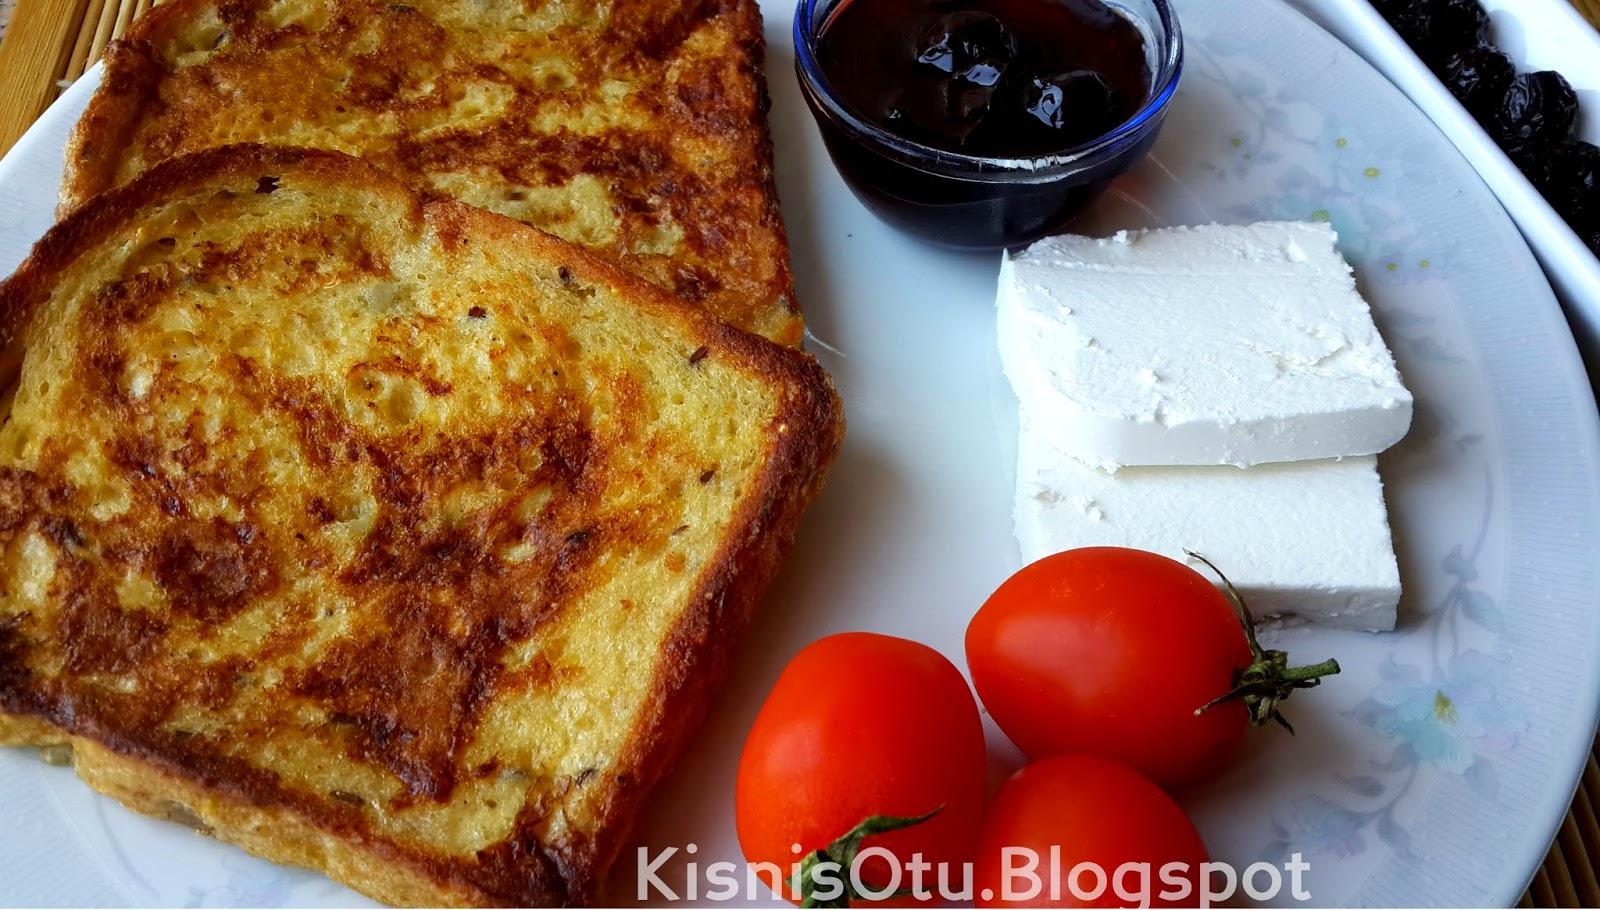 Yumurtalı ekmek tarifi, kahvaltılık tarifler, Balık ekmek, cici papa tarifi,  Kişniş Otu